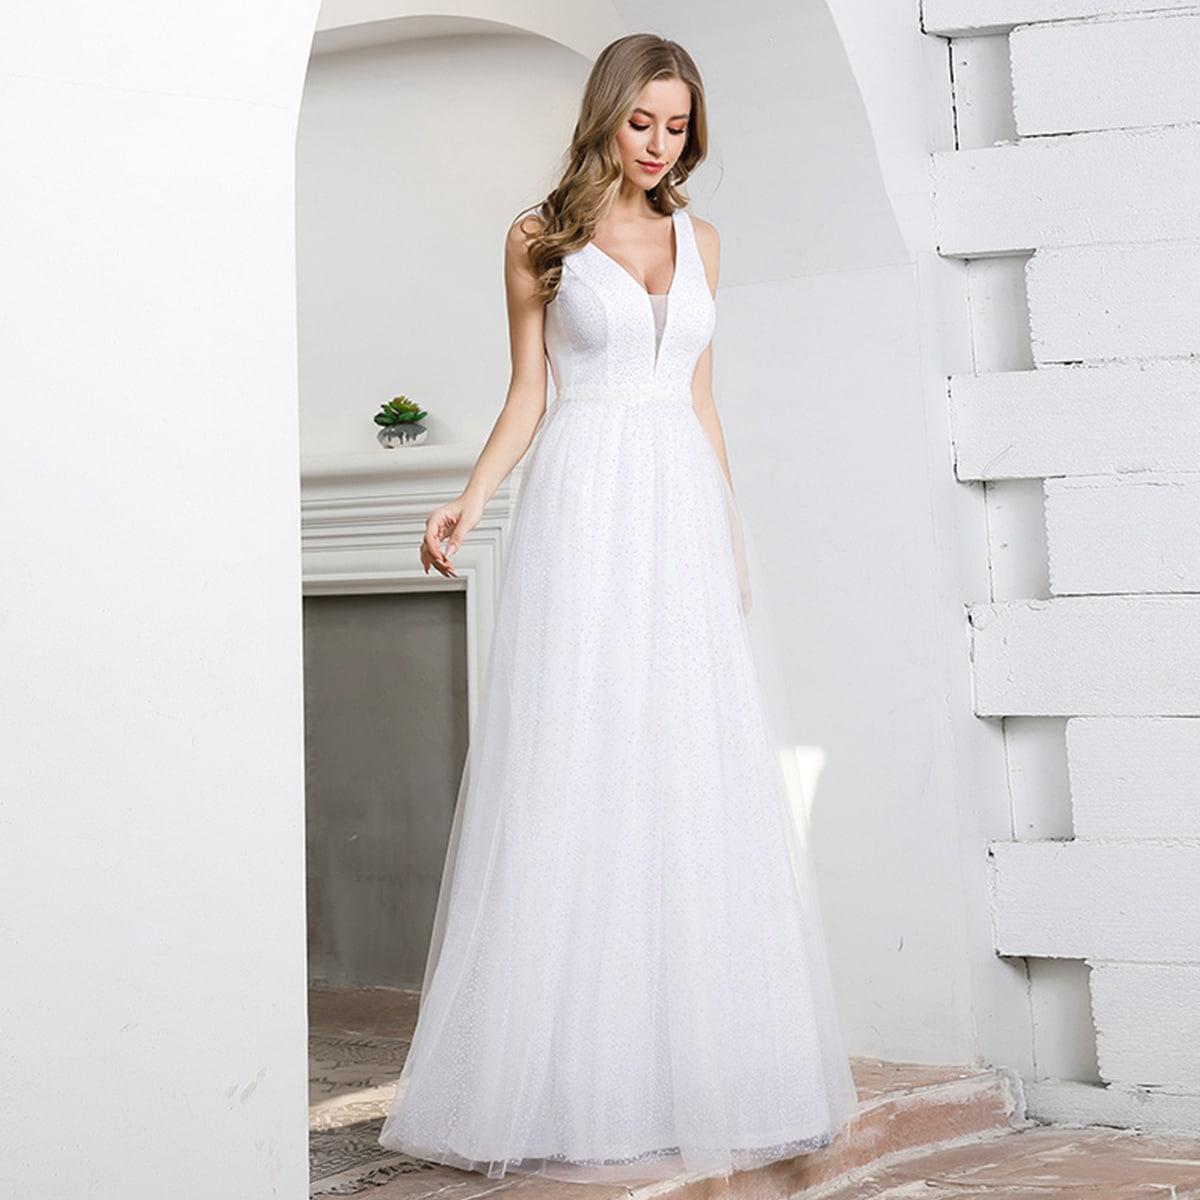 SHEIN / EverPretty vestido de fiesta de malla brillante de espalda V